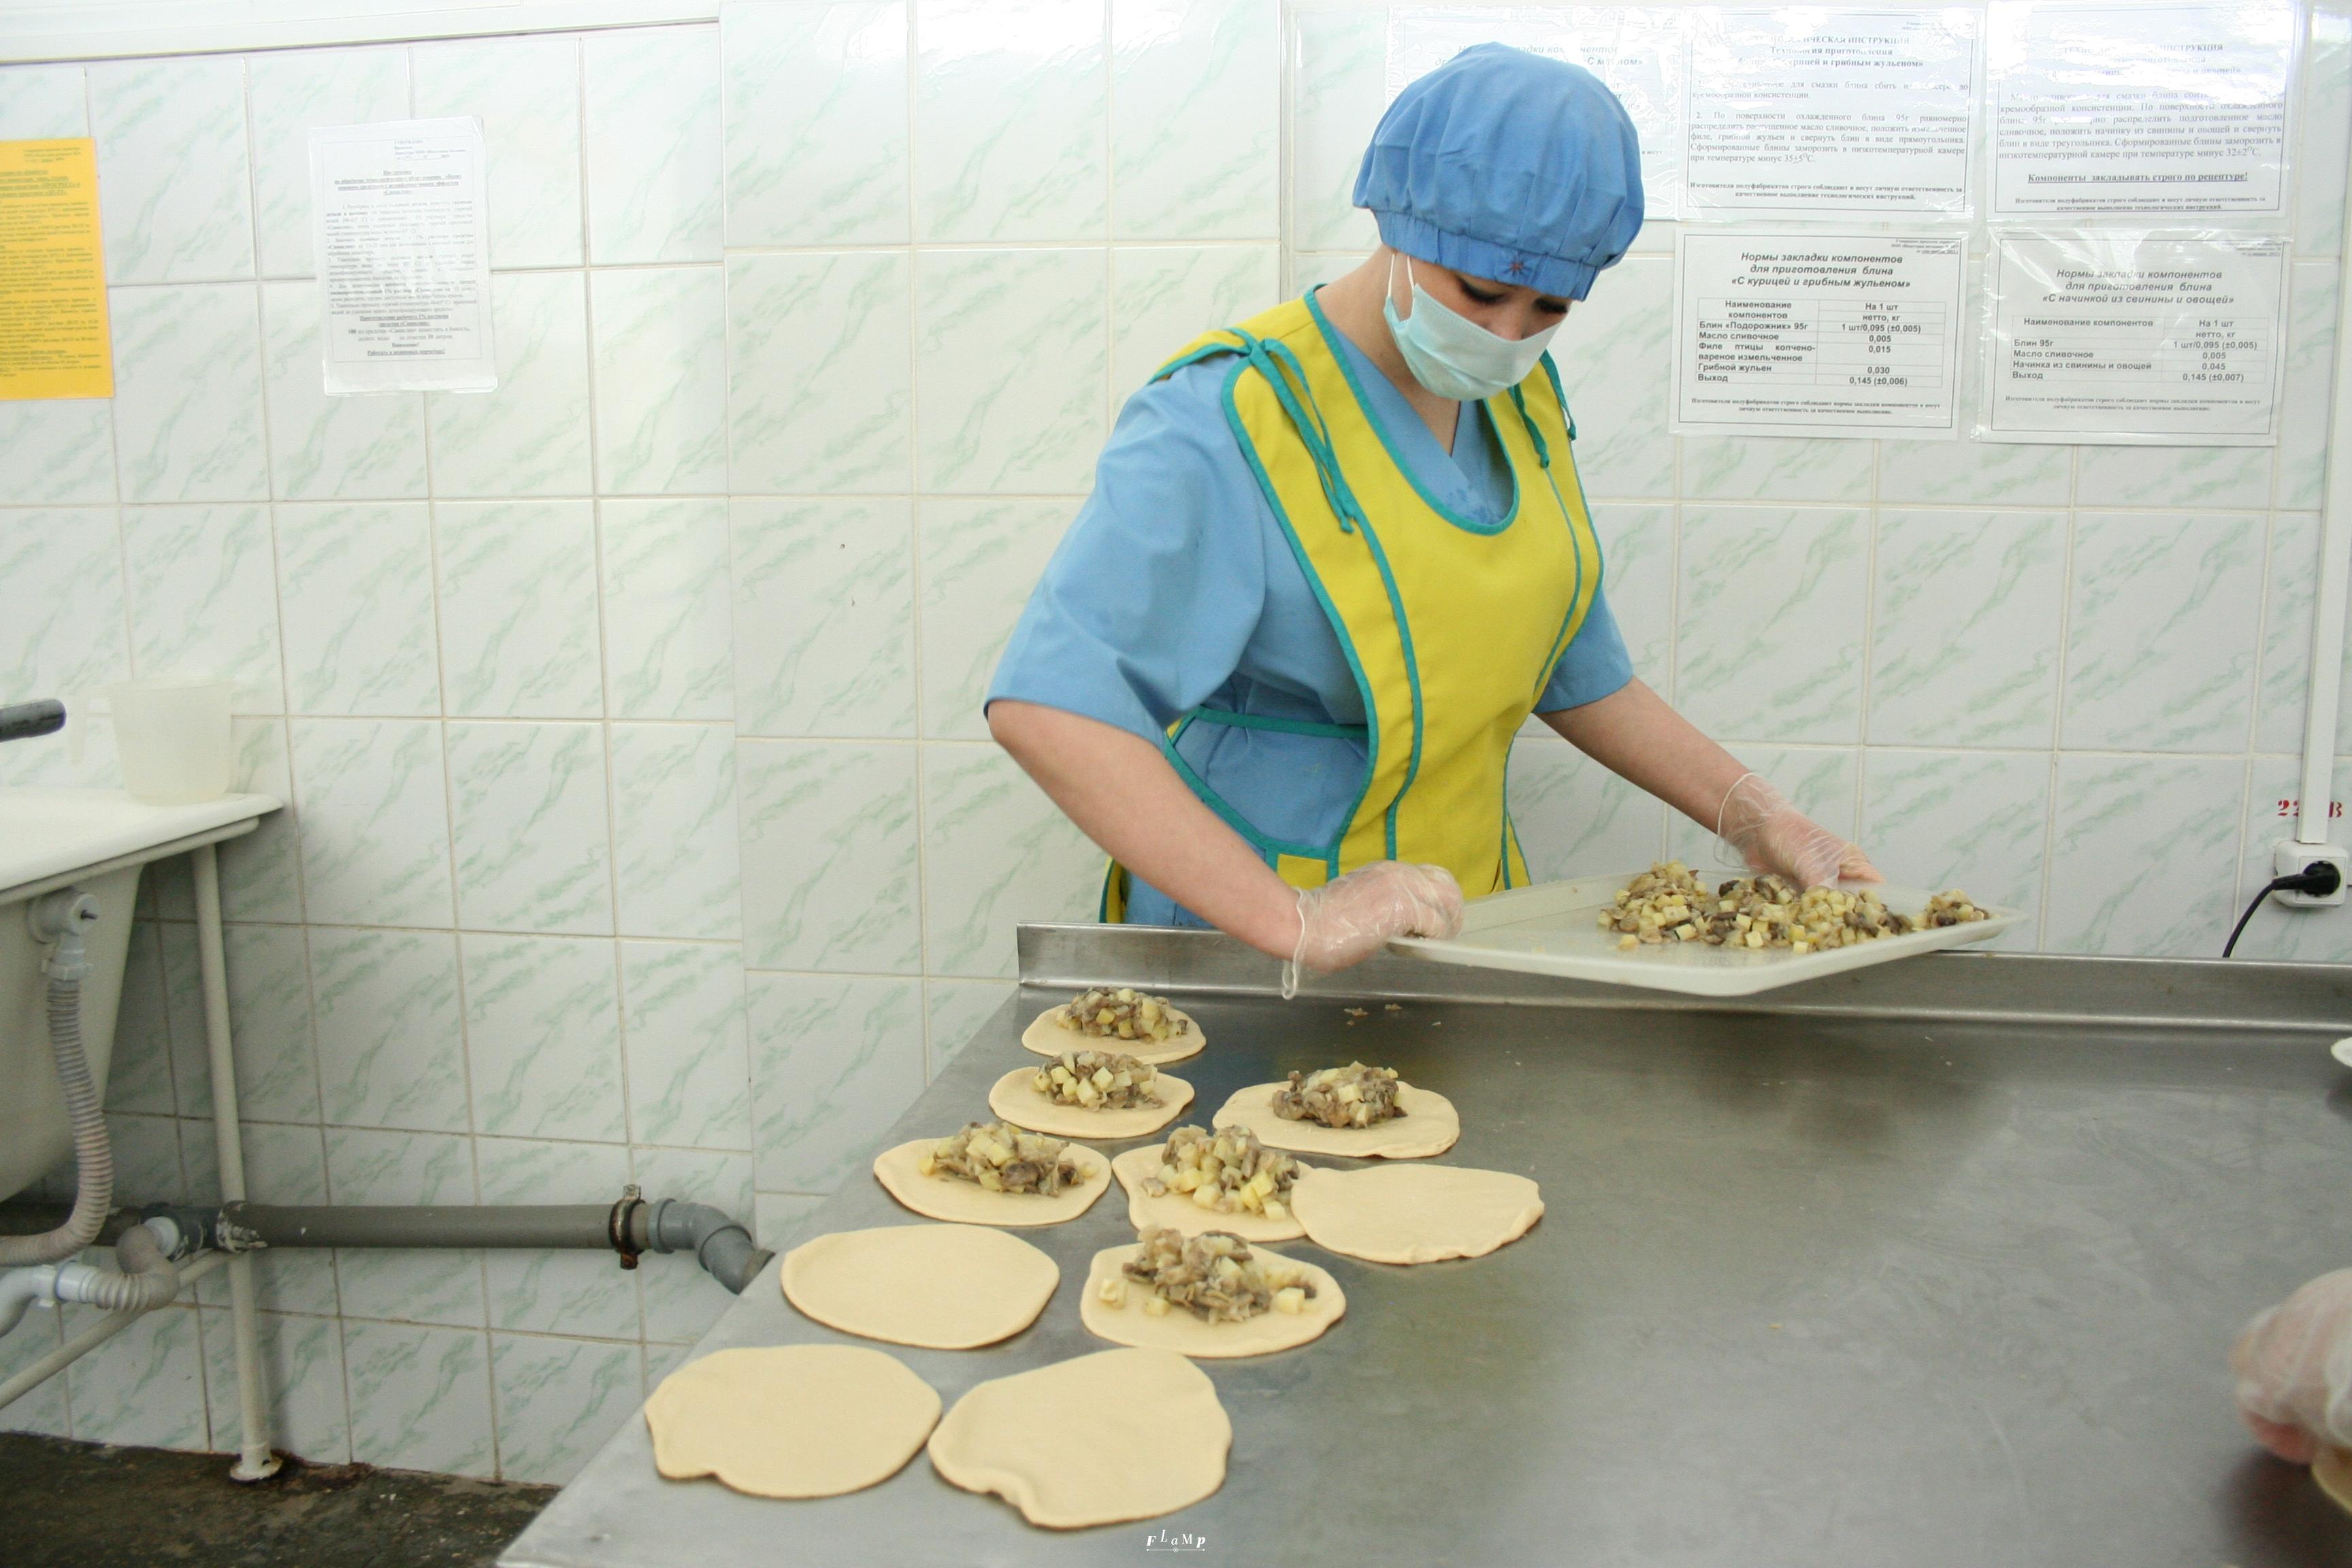 Пирожки с курицей и грибами в разобранном виде.